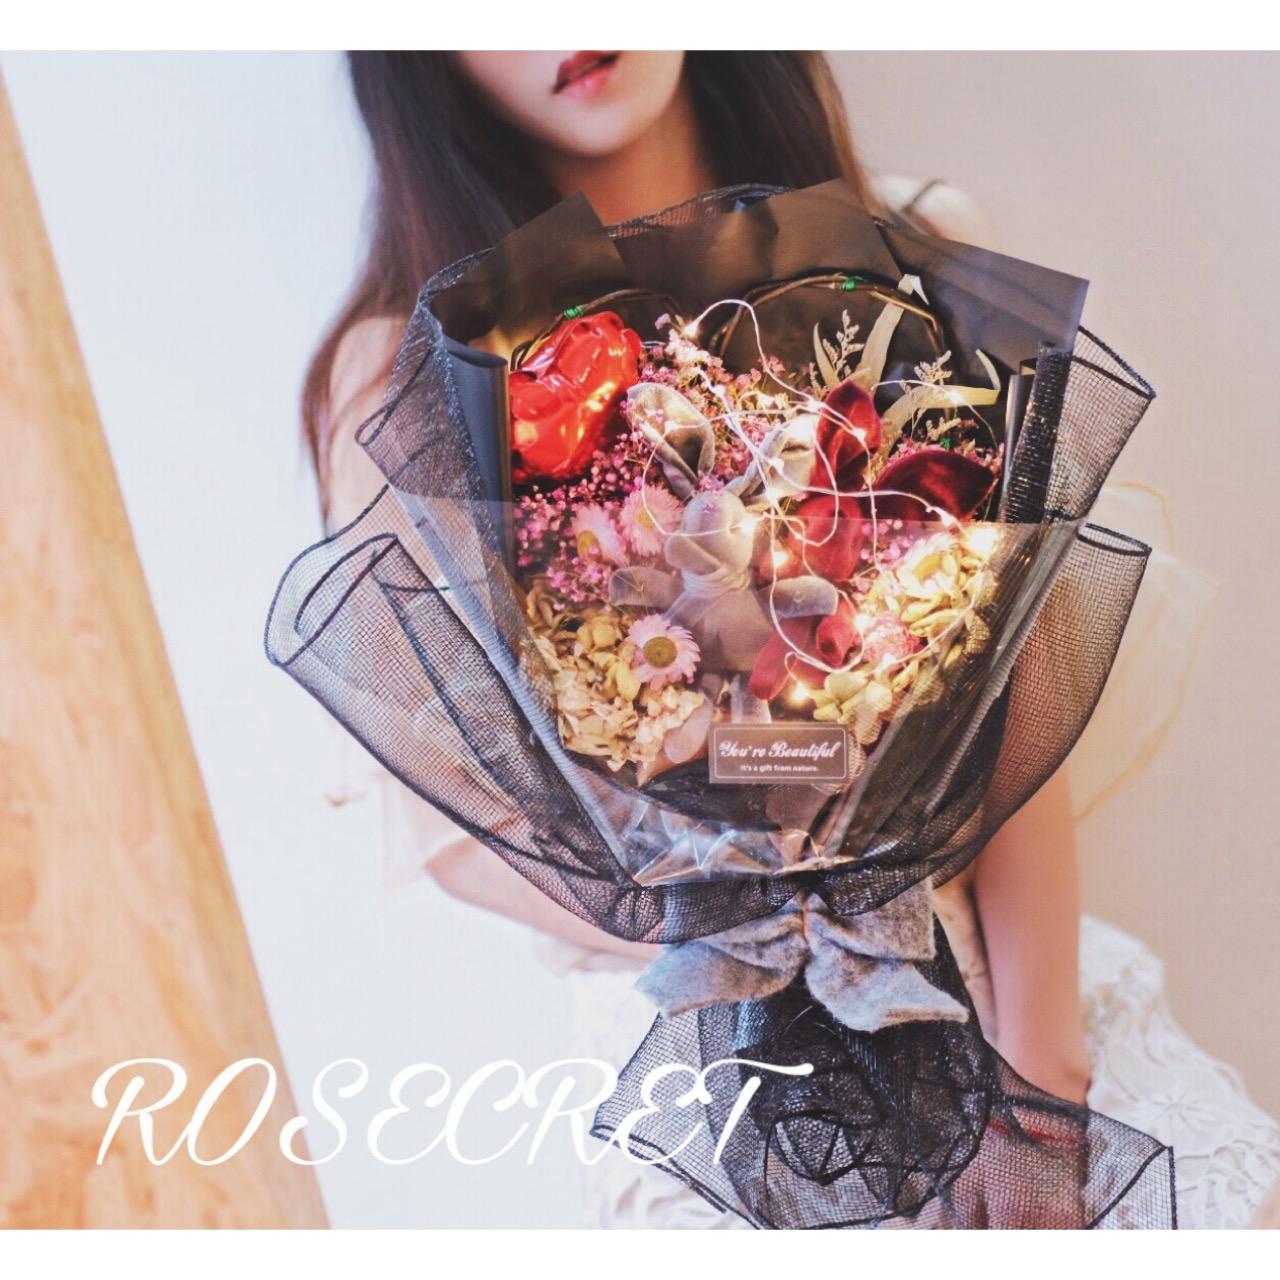 Желая кролик букет танабата день святого валентина подарок сухие цветы вечная жизнь цвести звезда подарок полный промышленность день рождения женщина друг